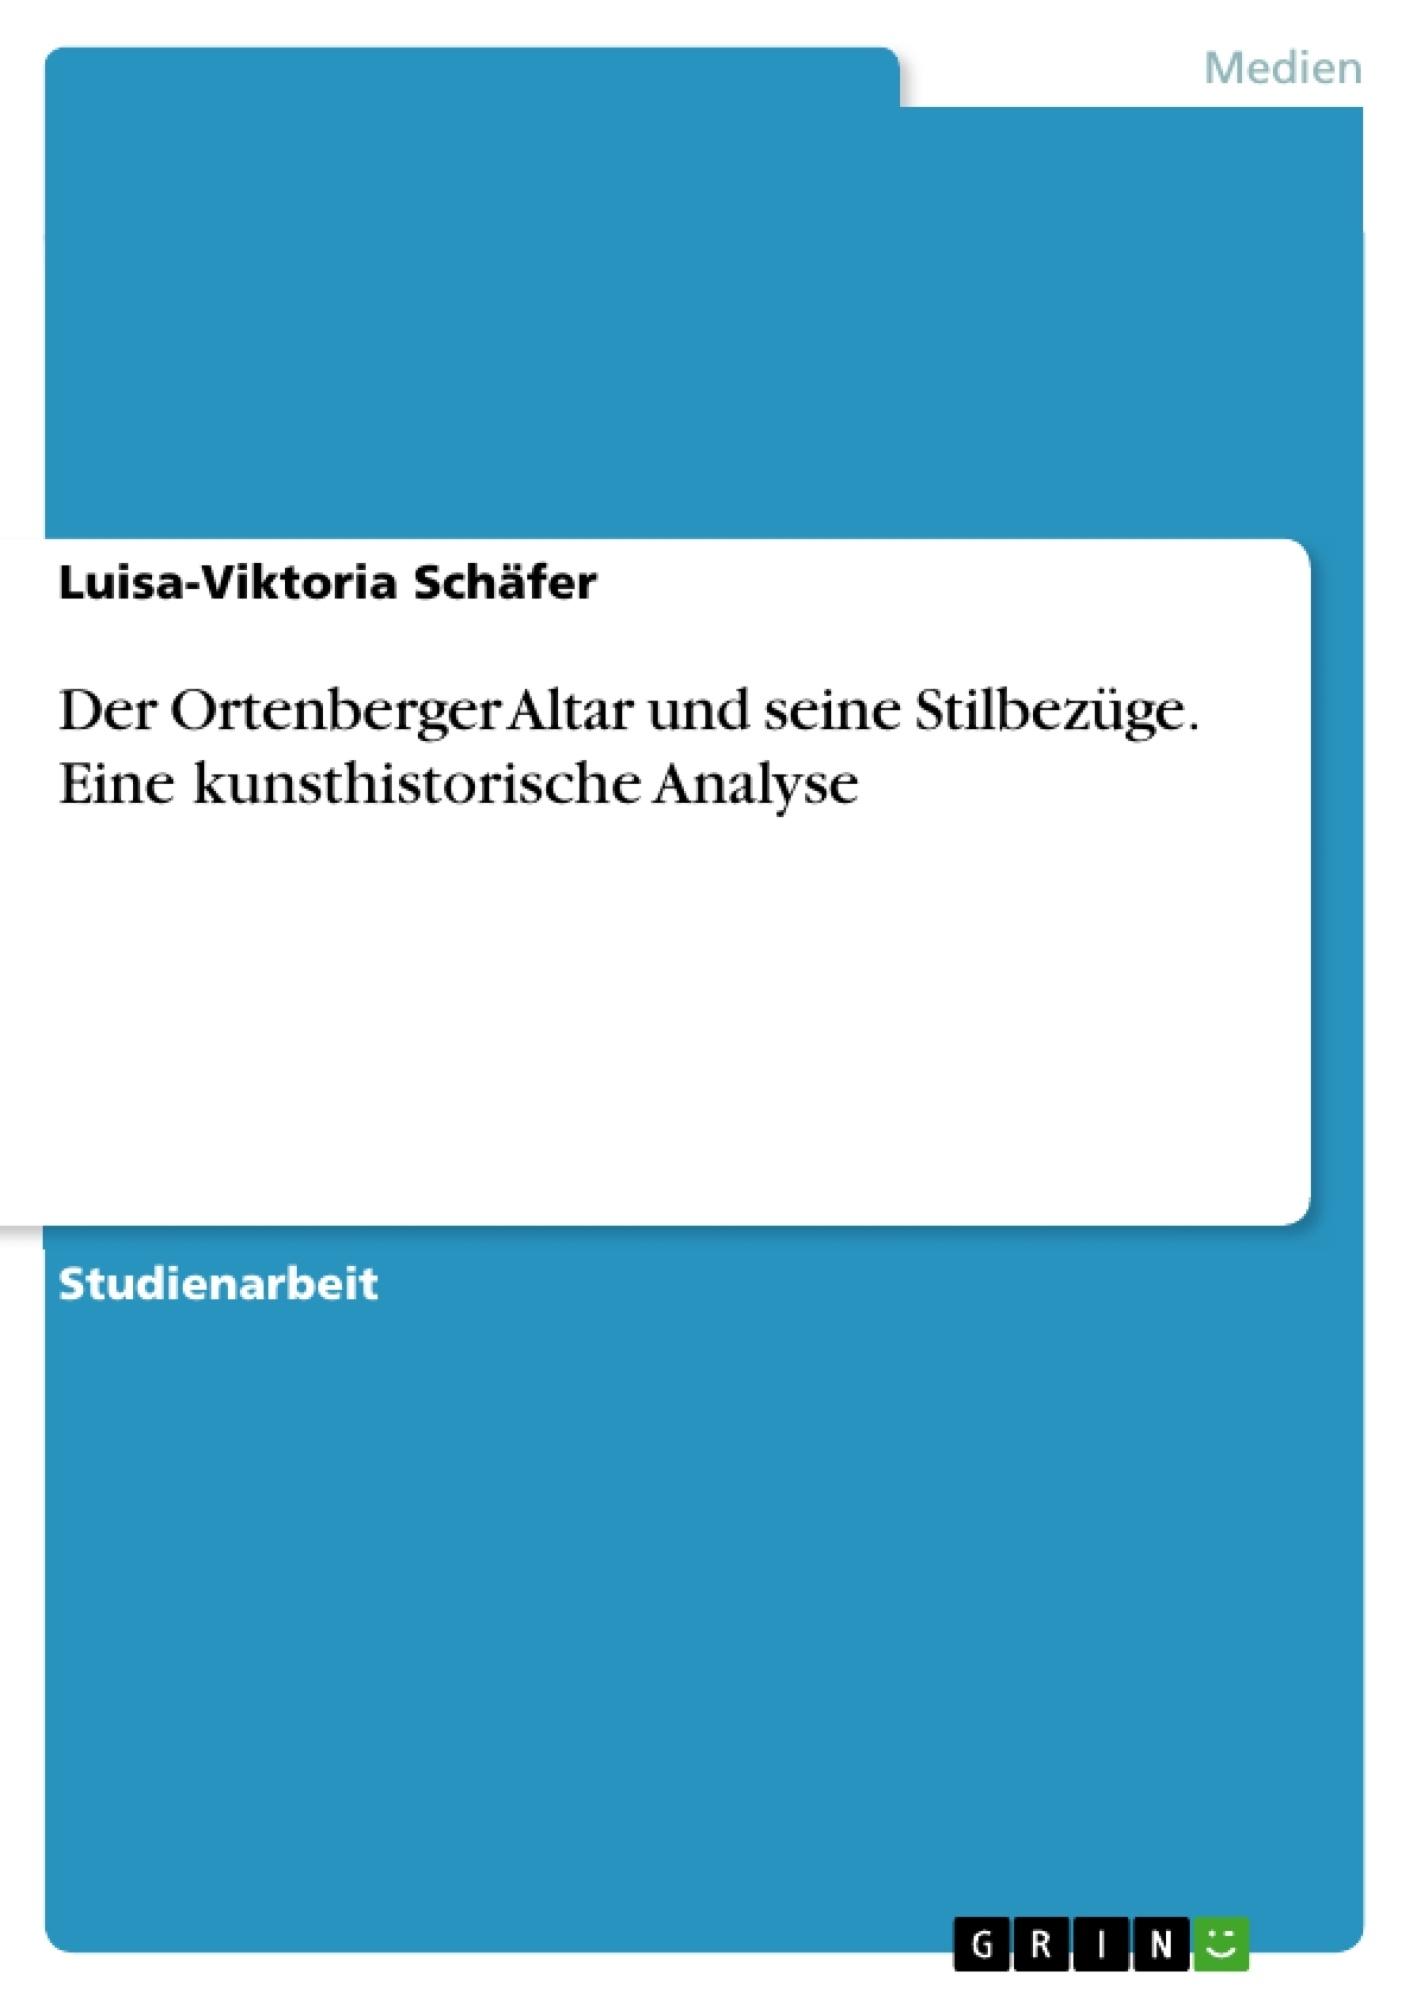 Titel: Der Ortenberger Altar und seine Stilbezüge. Eine kunsthistorische Analyse